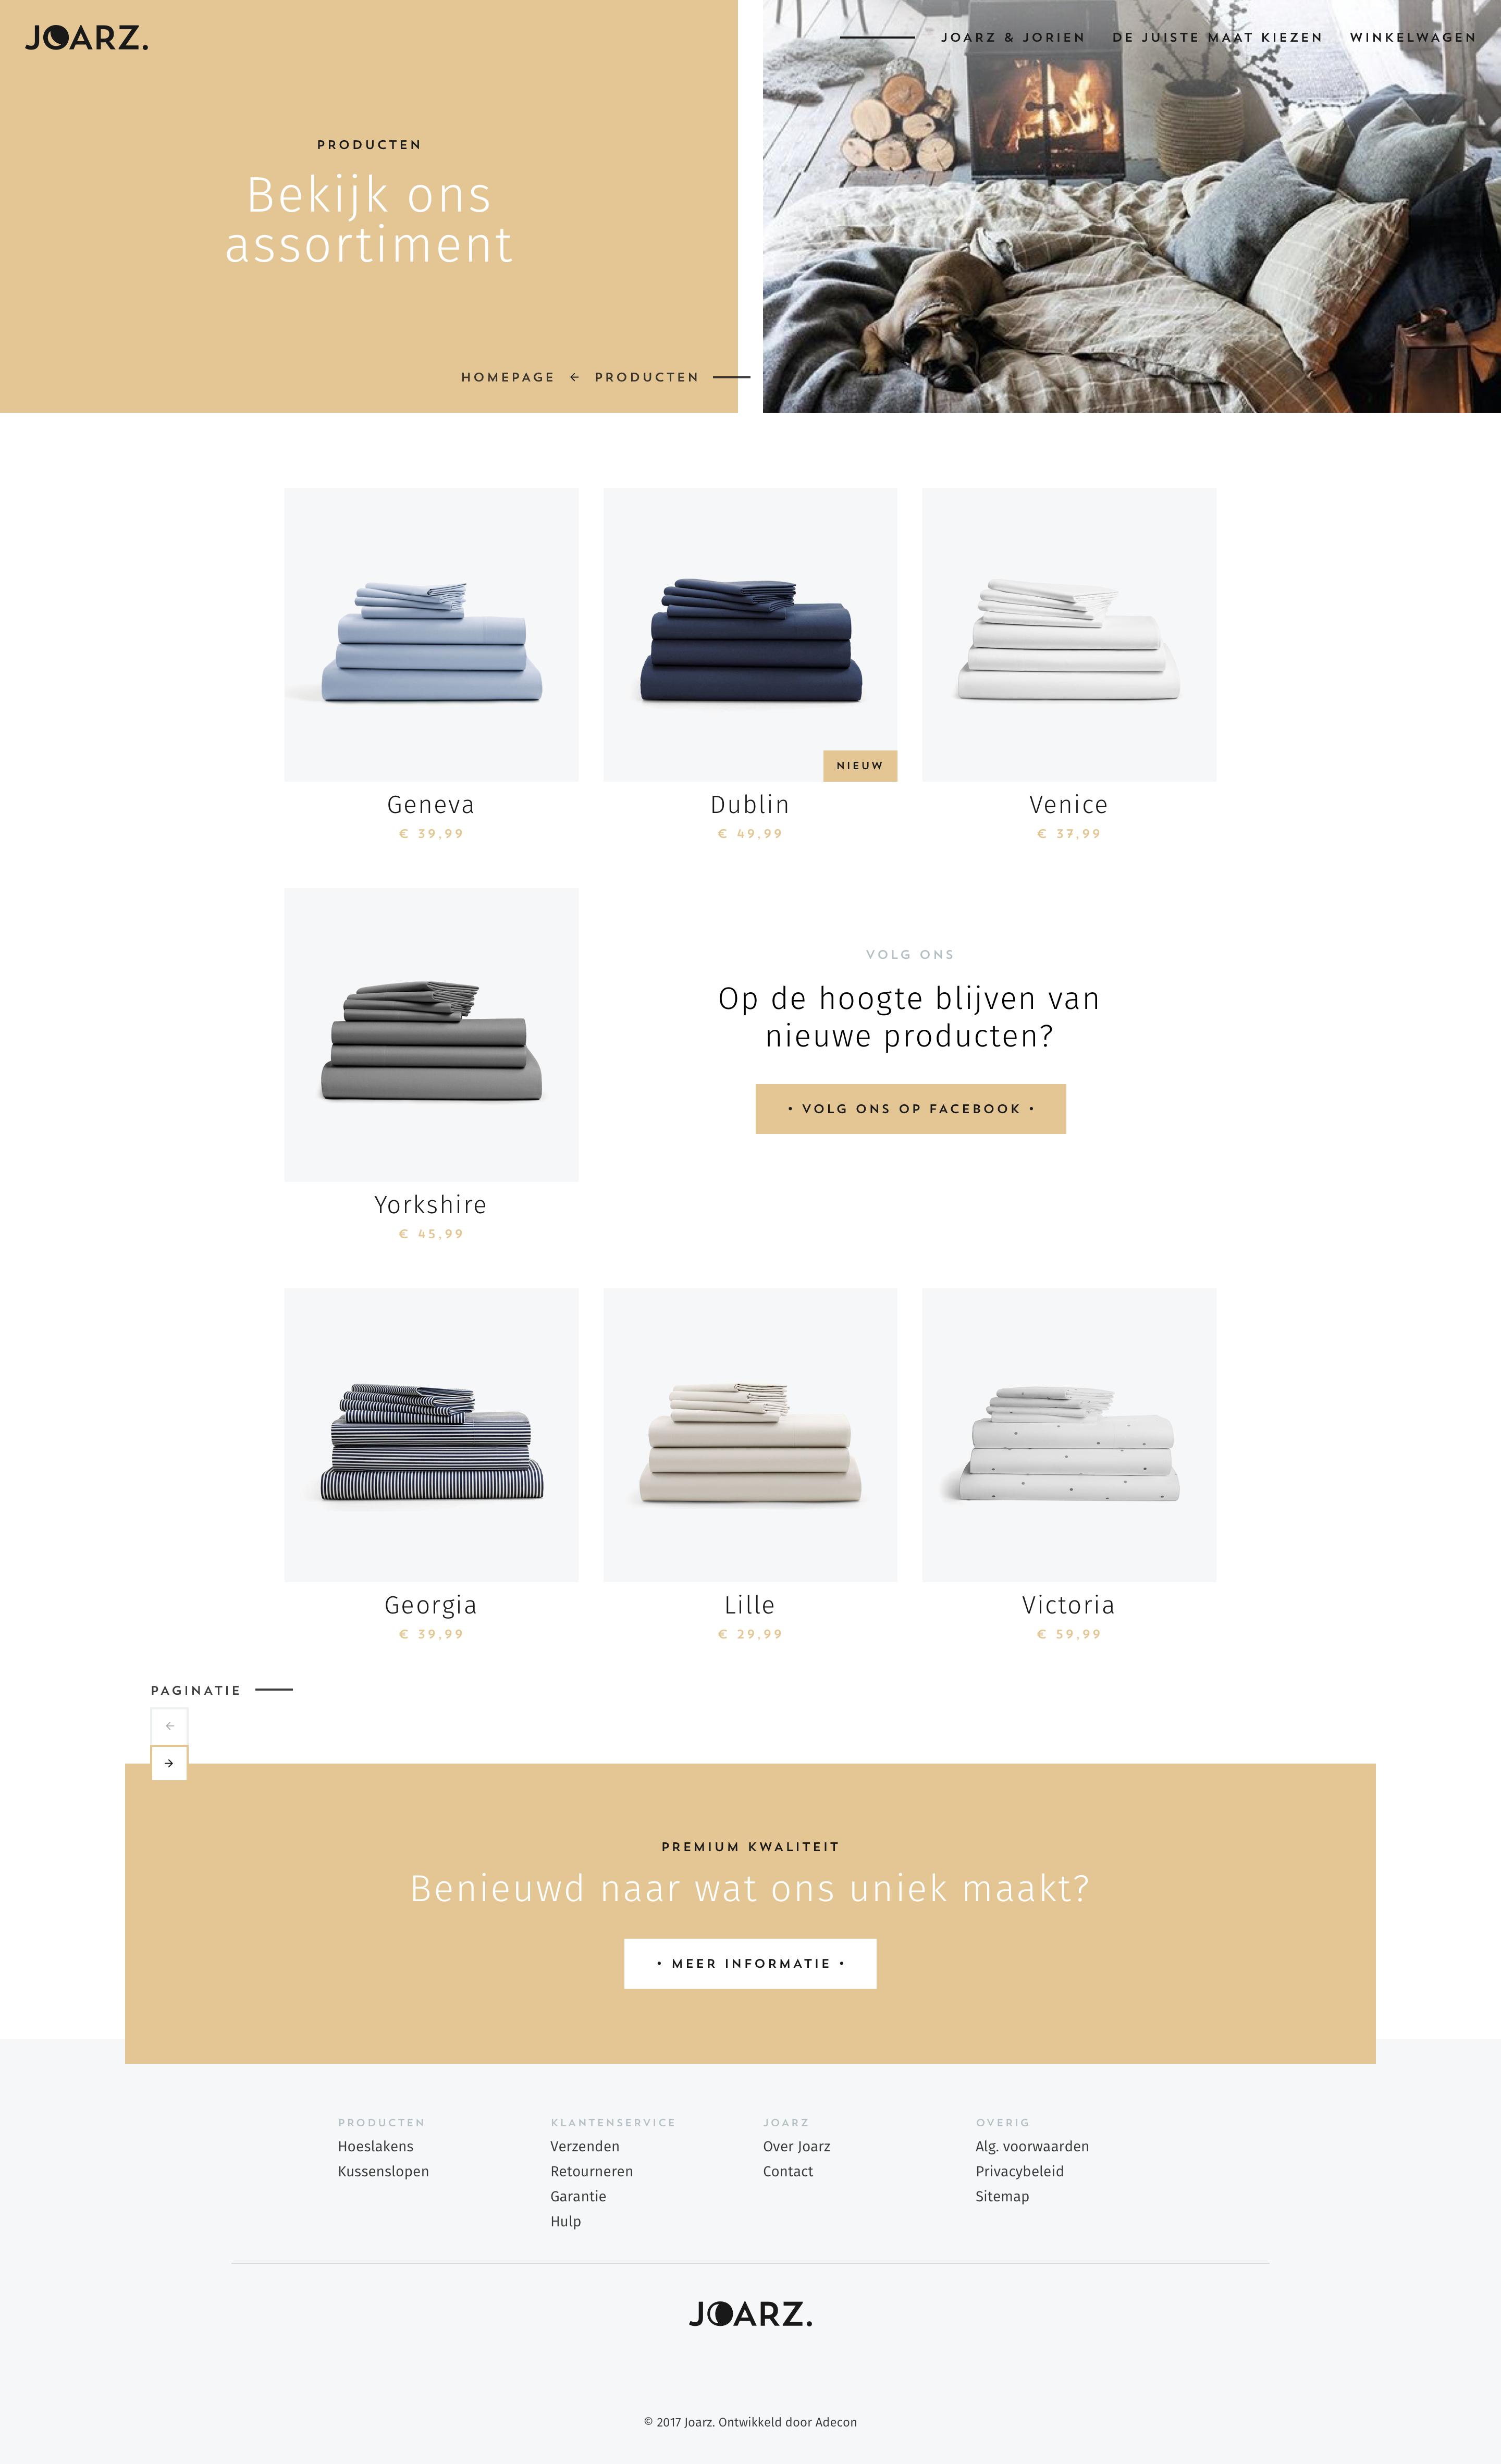 Joarz productoverzicht layout 2x.png